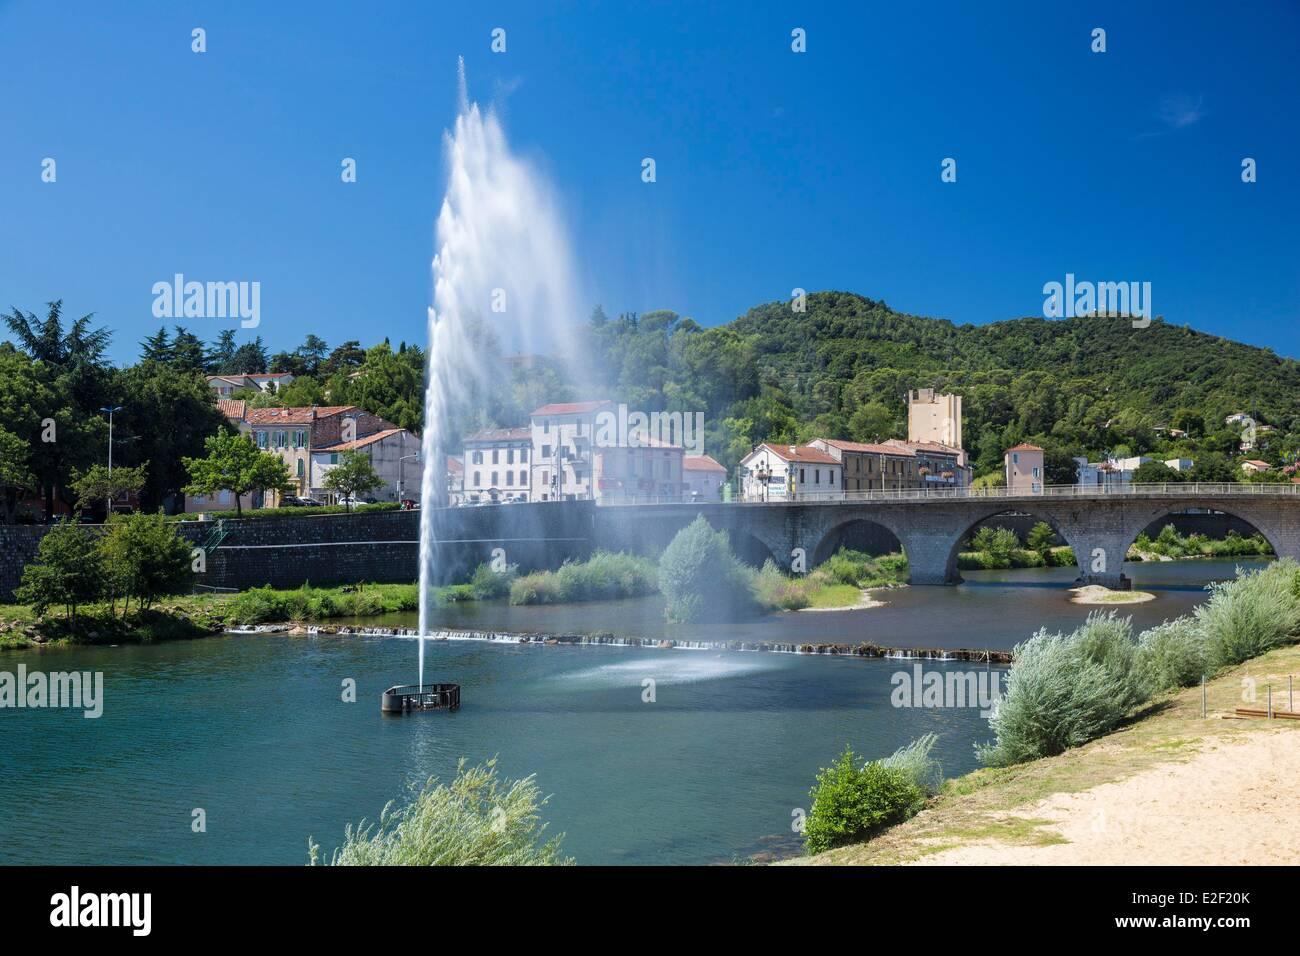 Francia, Gard, Ales, chorro de agua sobre el Gardon Imagen De Stock